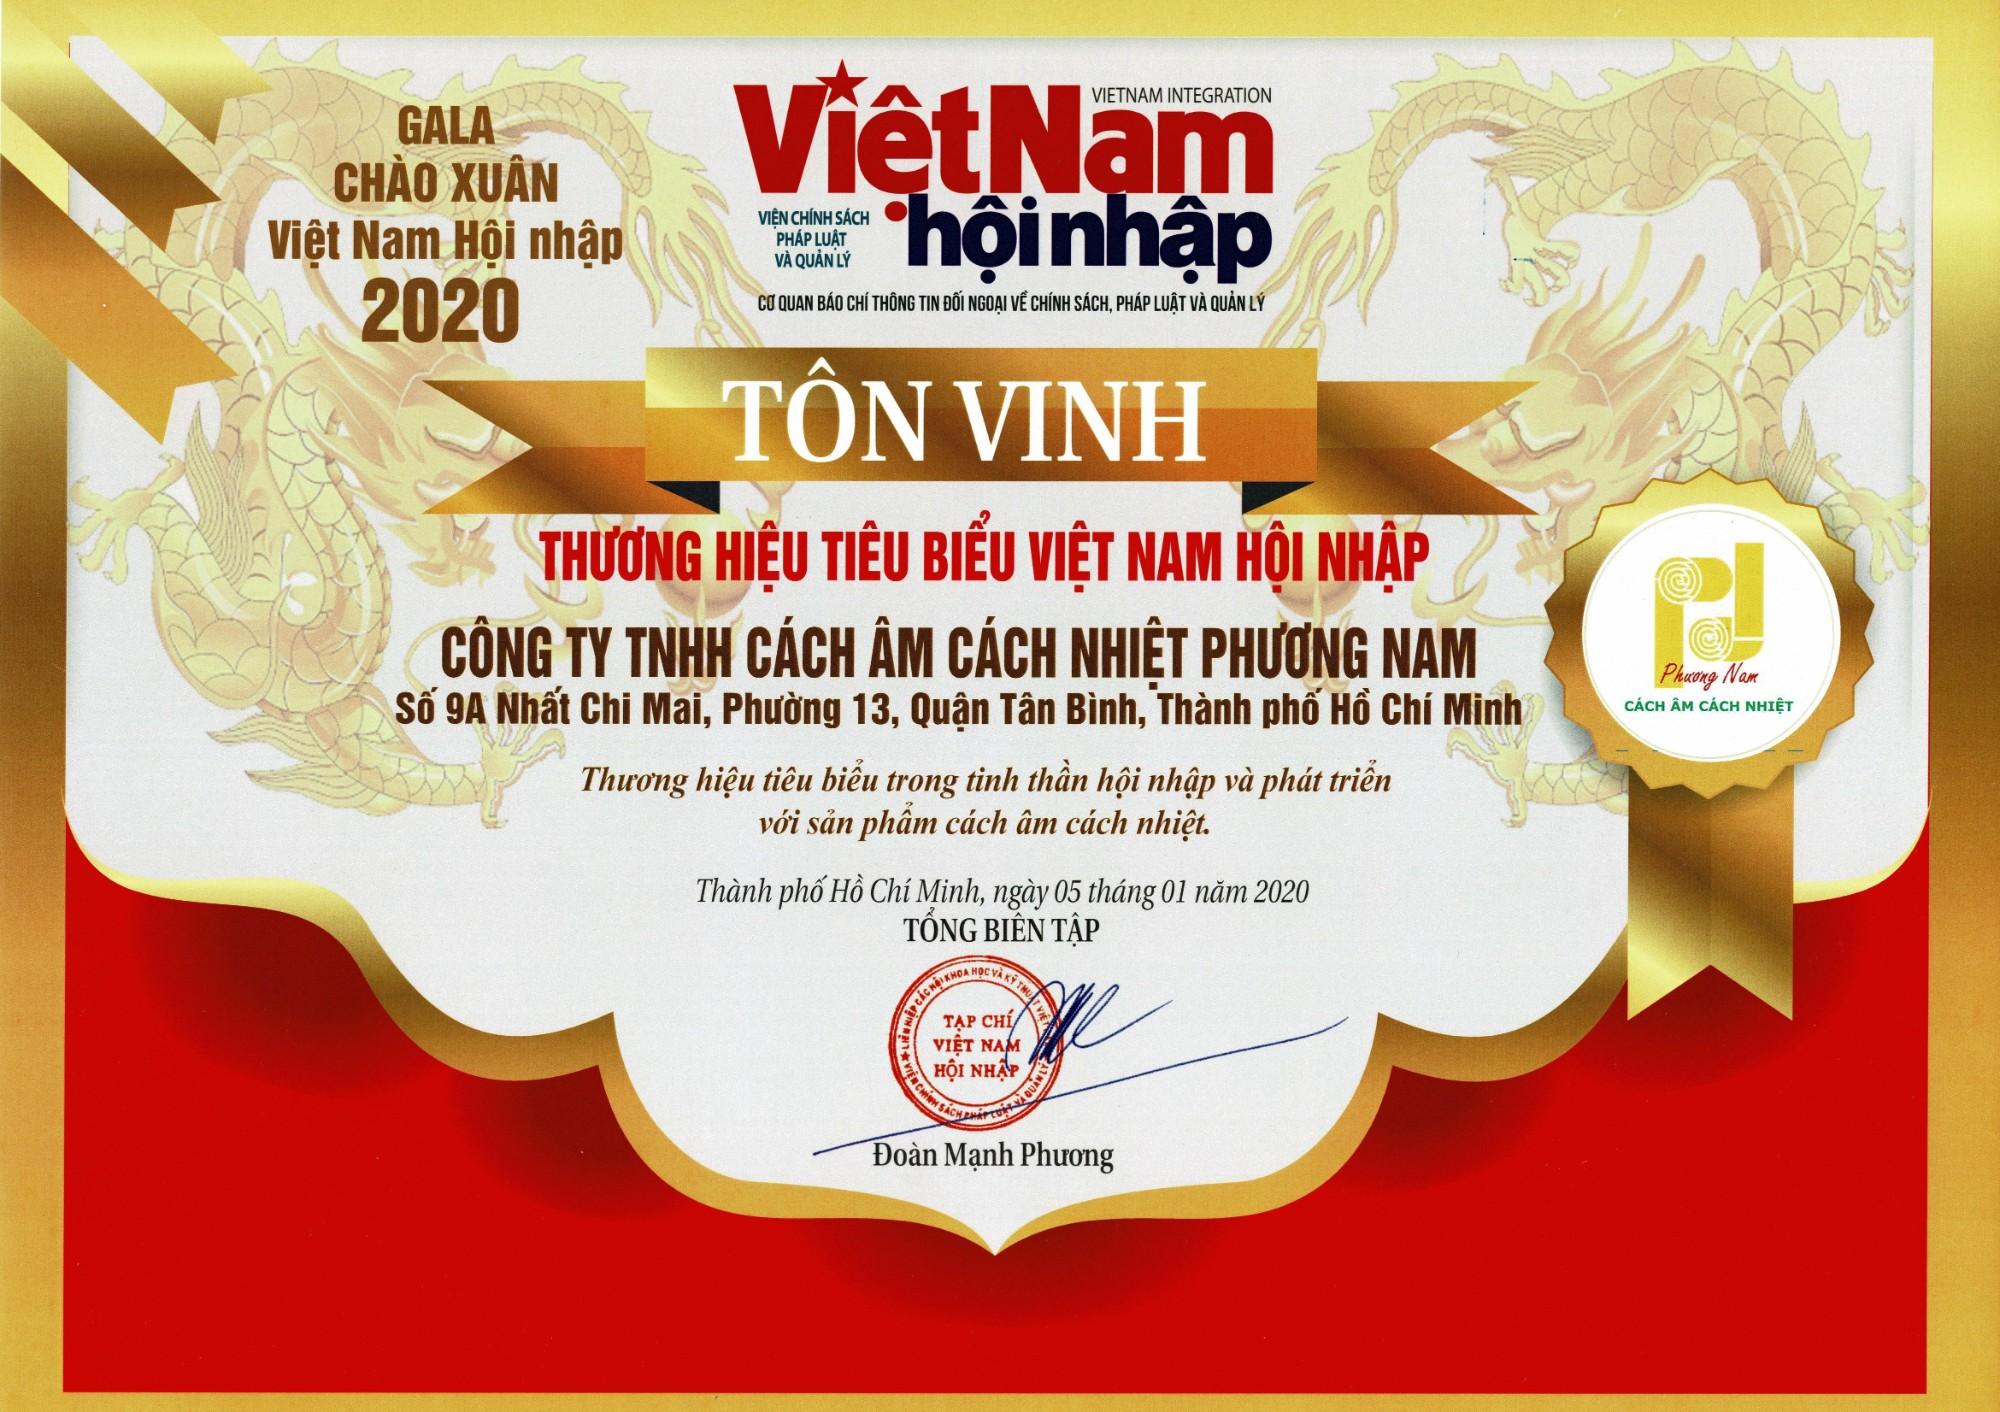 Thương Hiệu Tiêu Biểu Việt Nam Hội Nhập